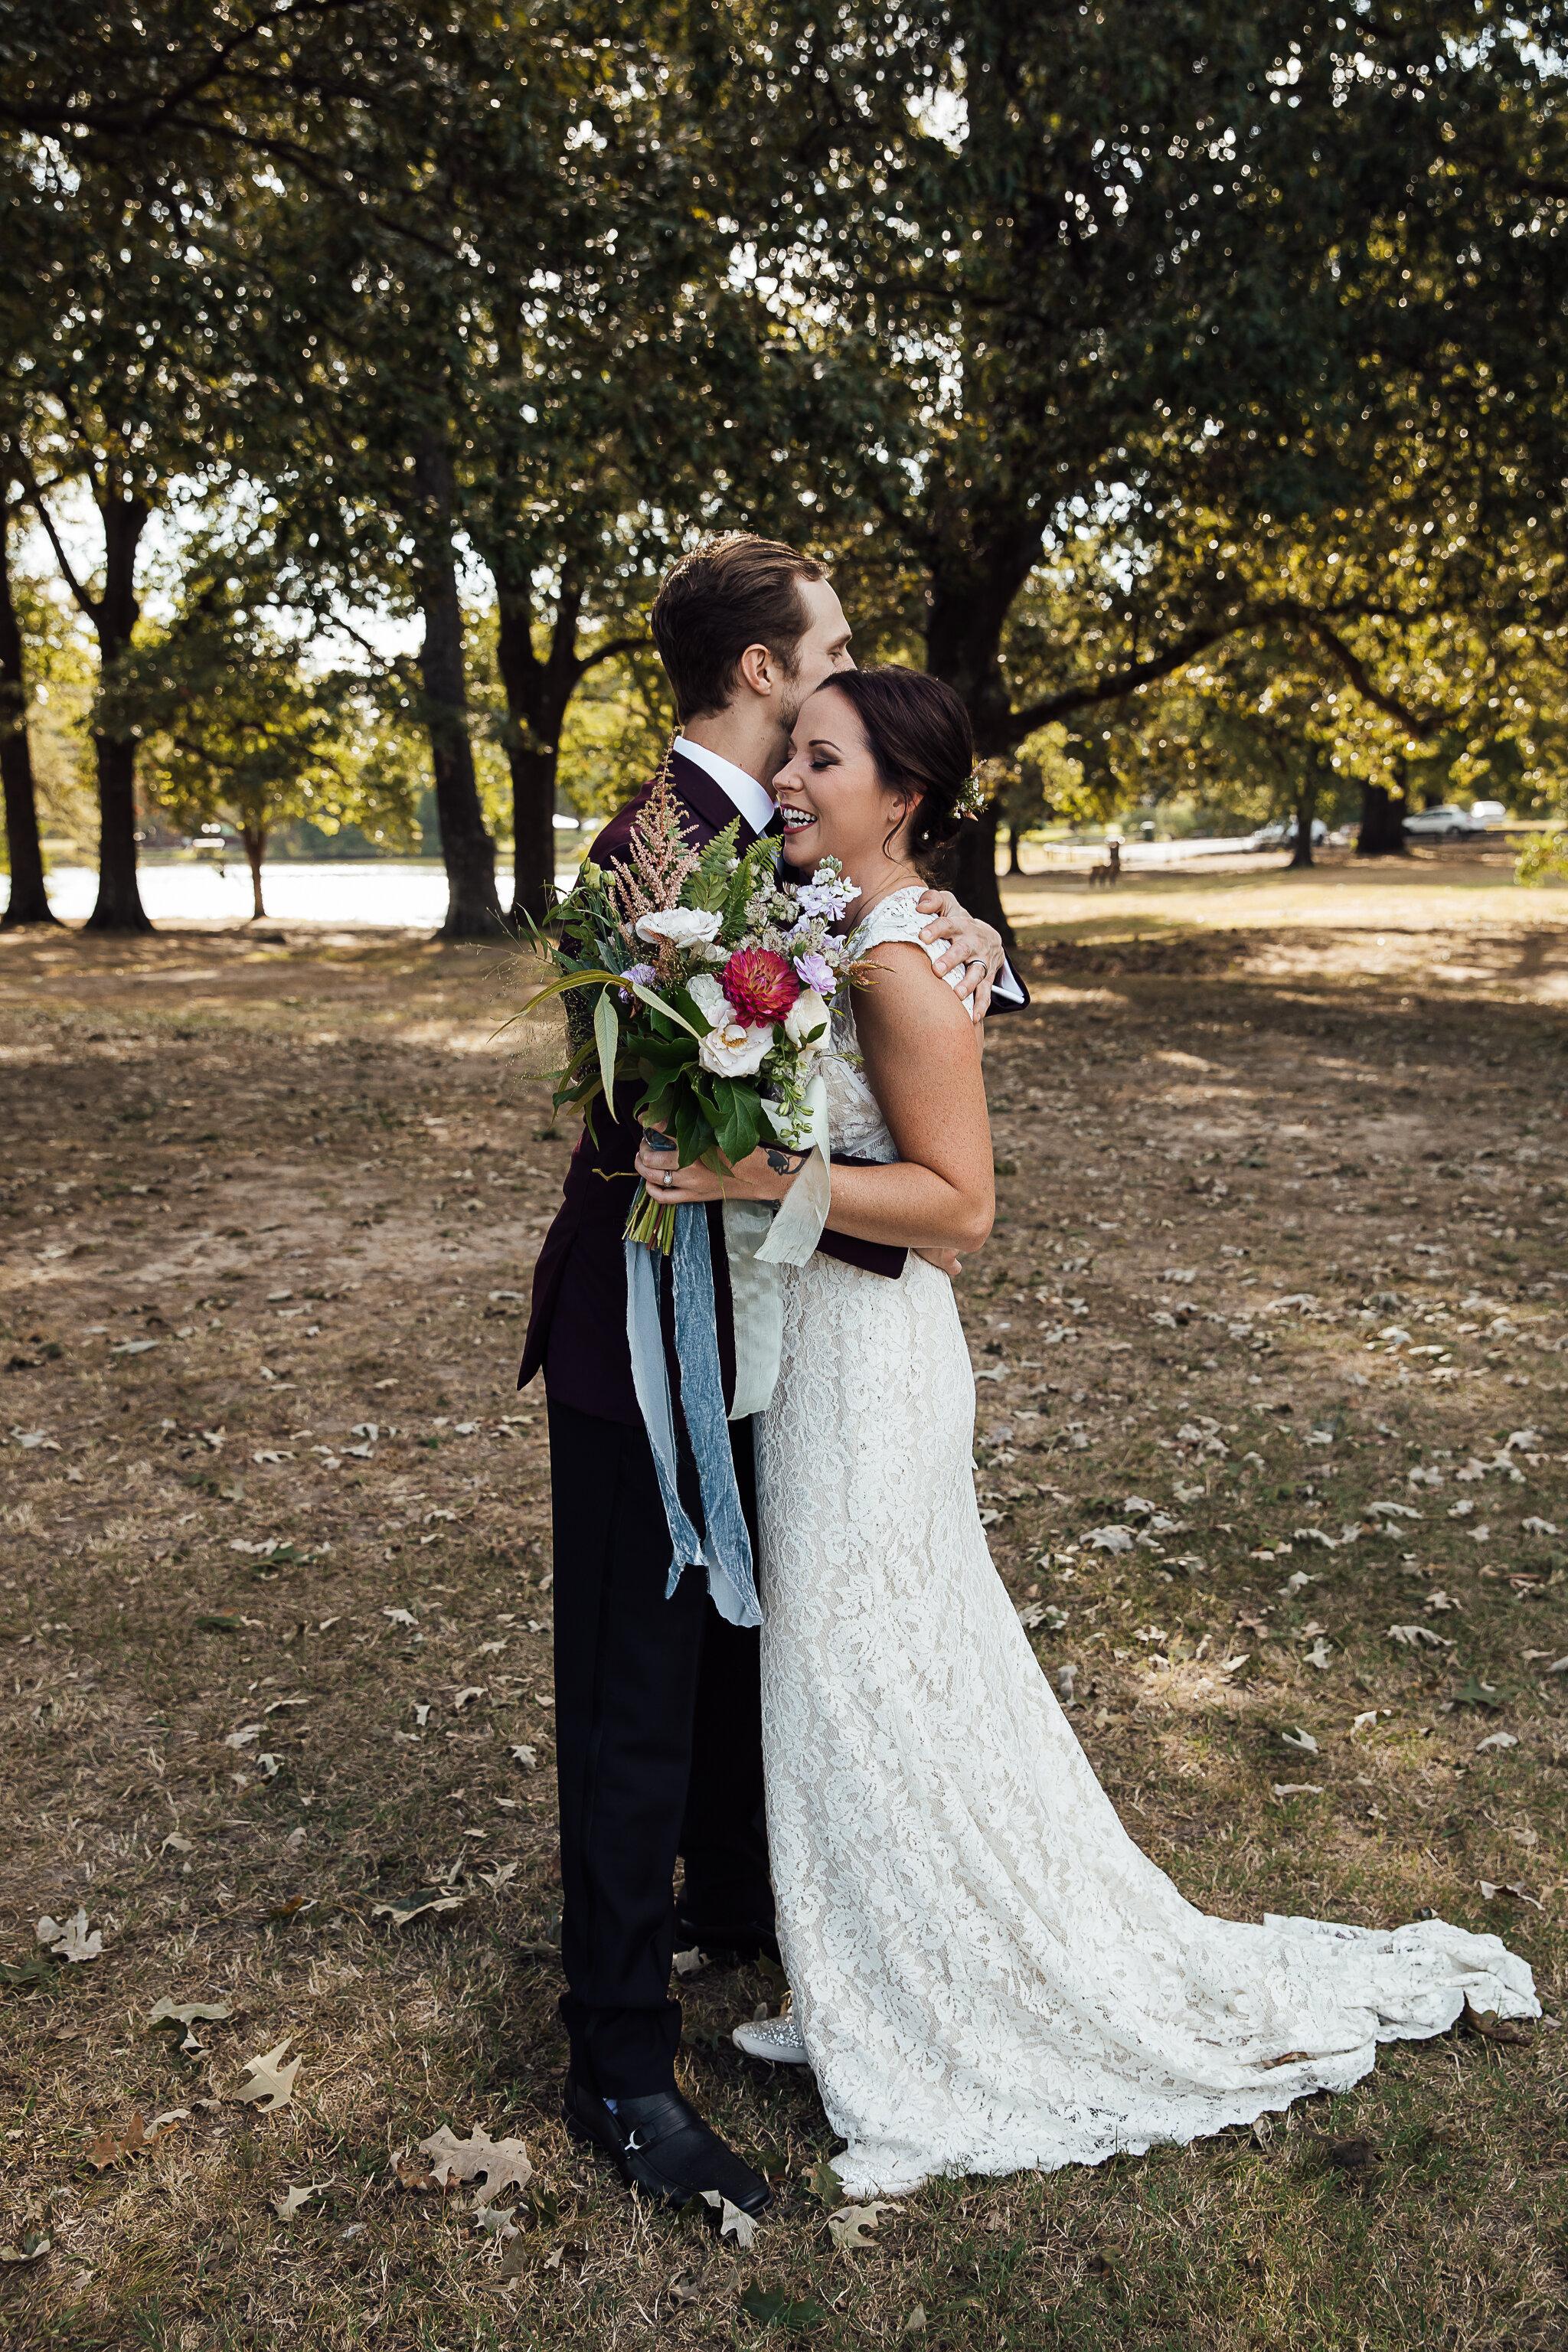 Allison-and-Wesley-Memphis-Backyard-Wedding-TheWarmthAroundYou-17.jpg